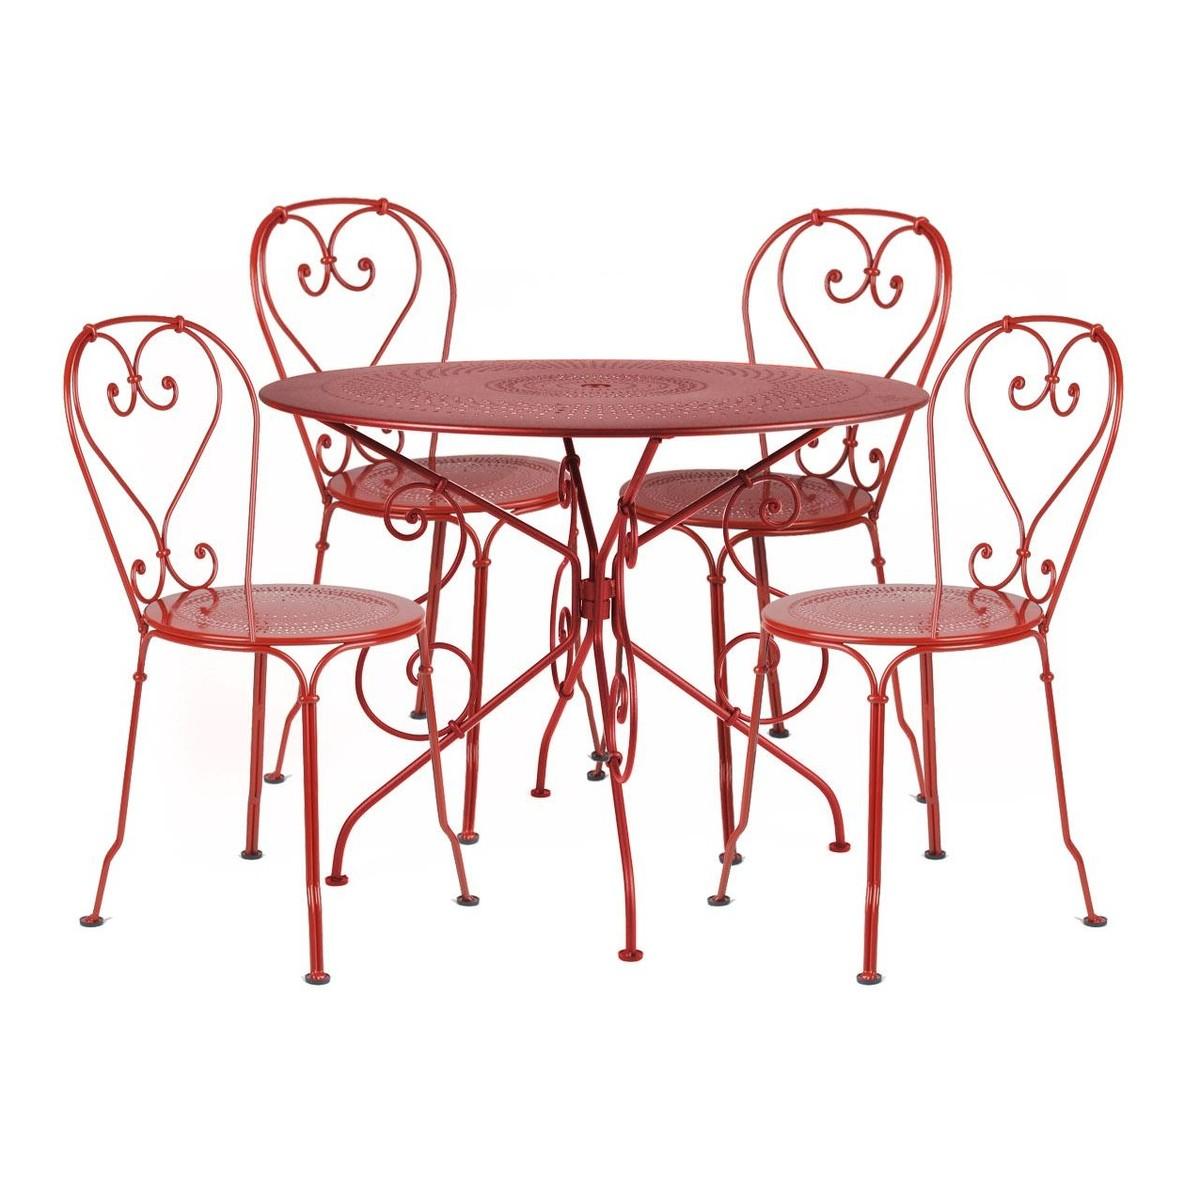 1900 ensemble de 4 chaises de jardin fermob set. Black Bedroom Furniture Sets. Home Design Ideas